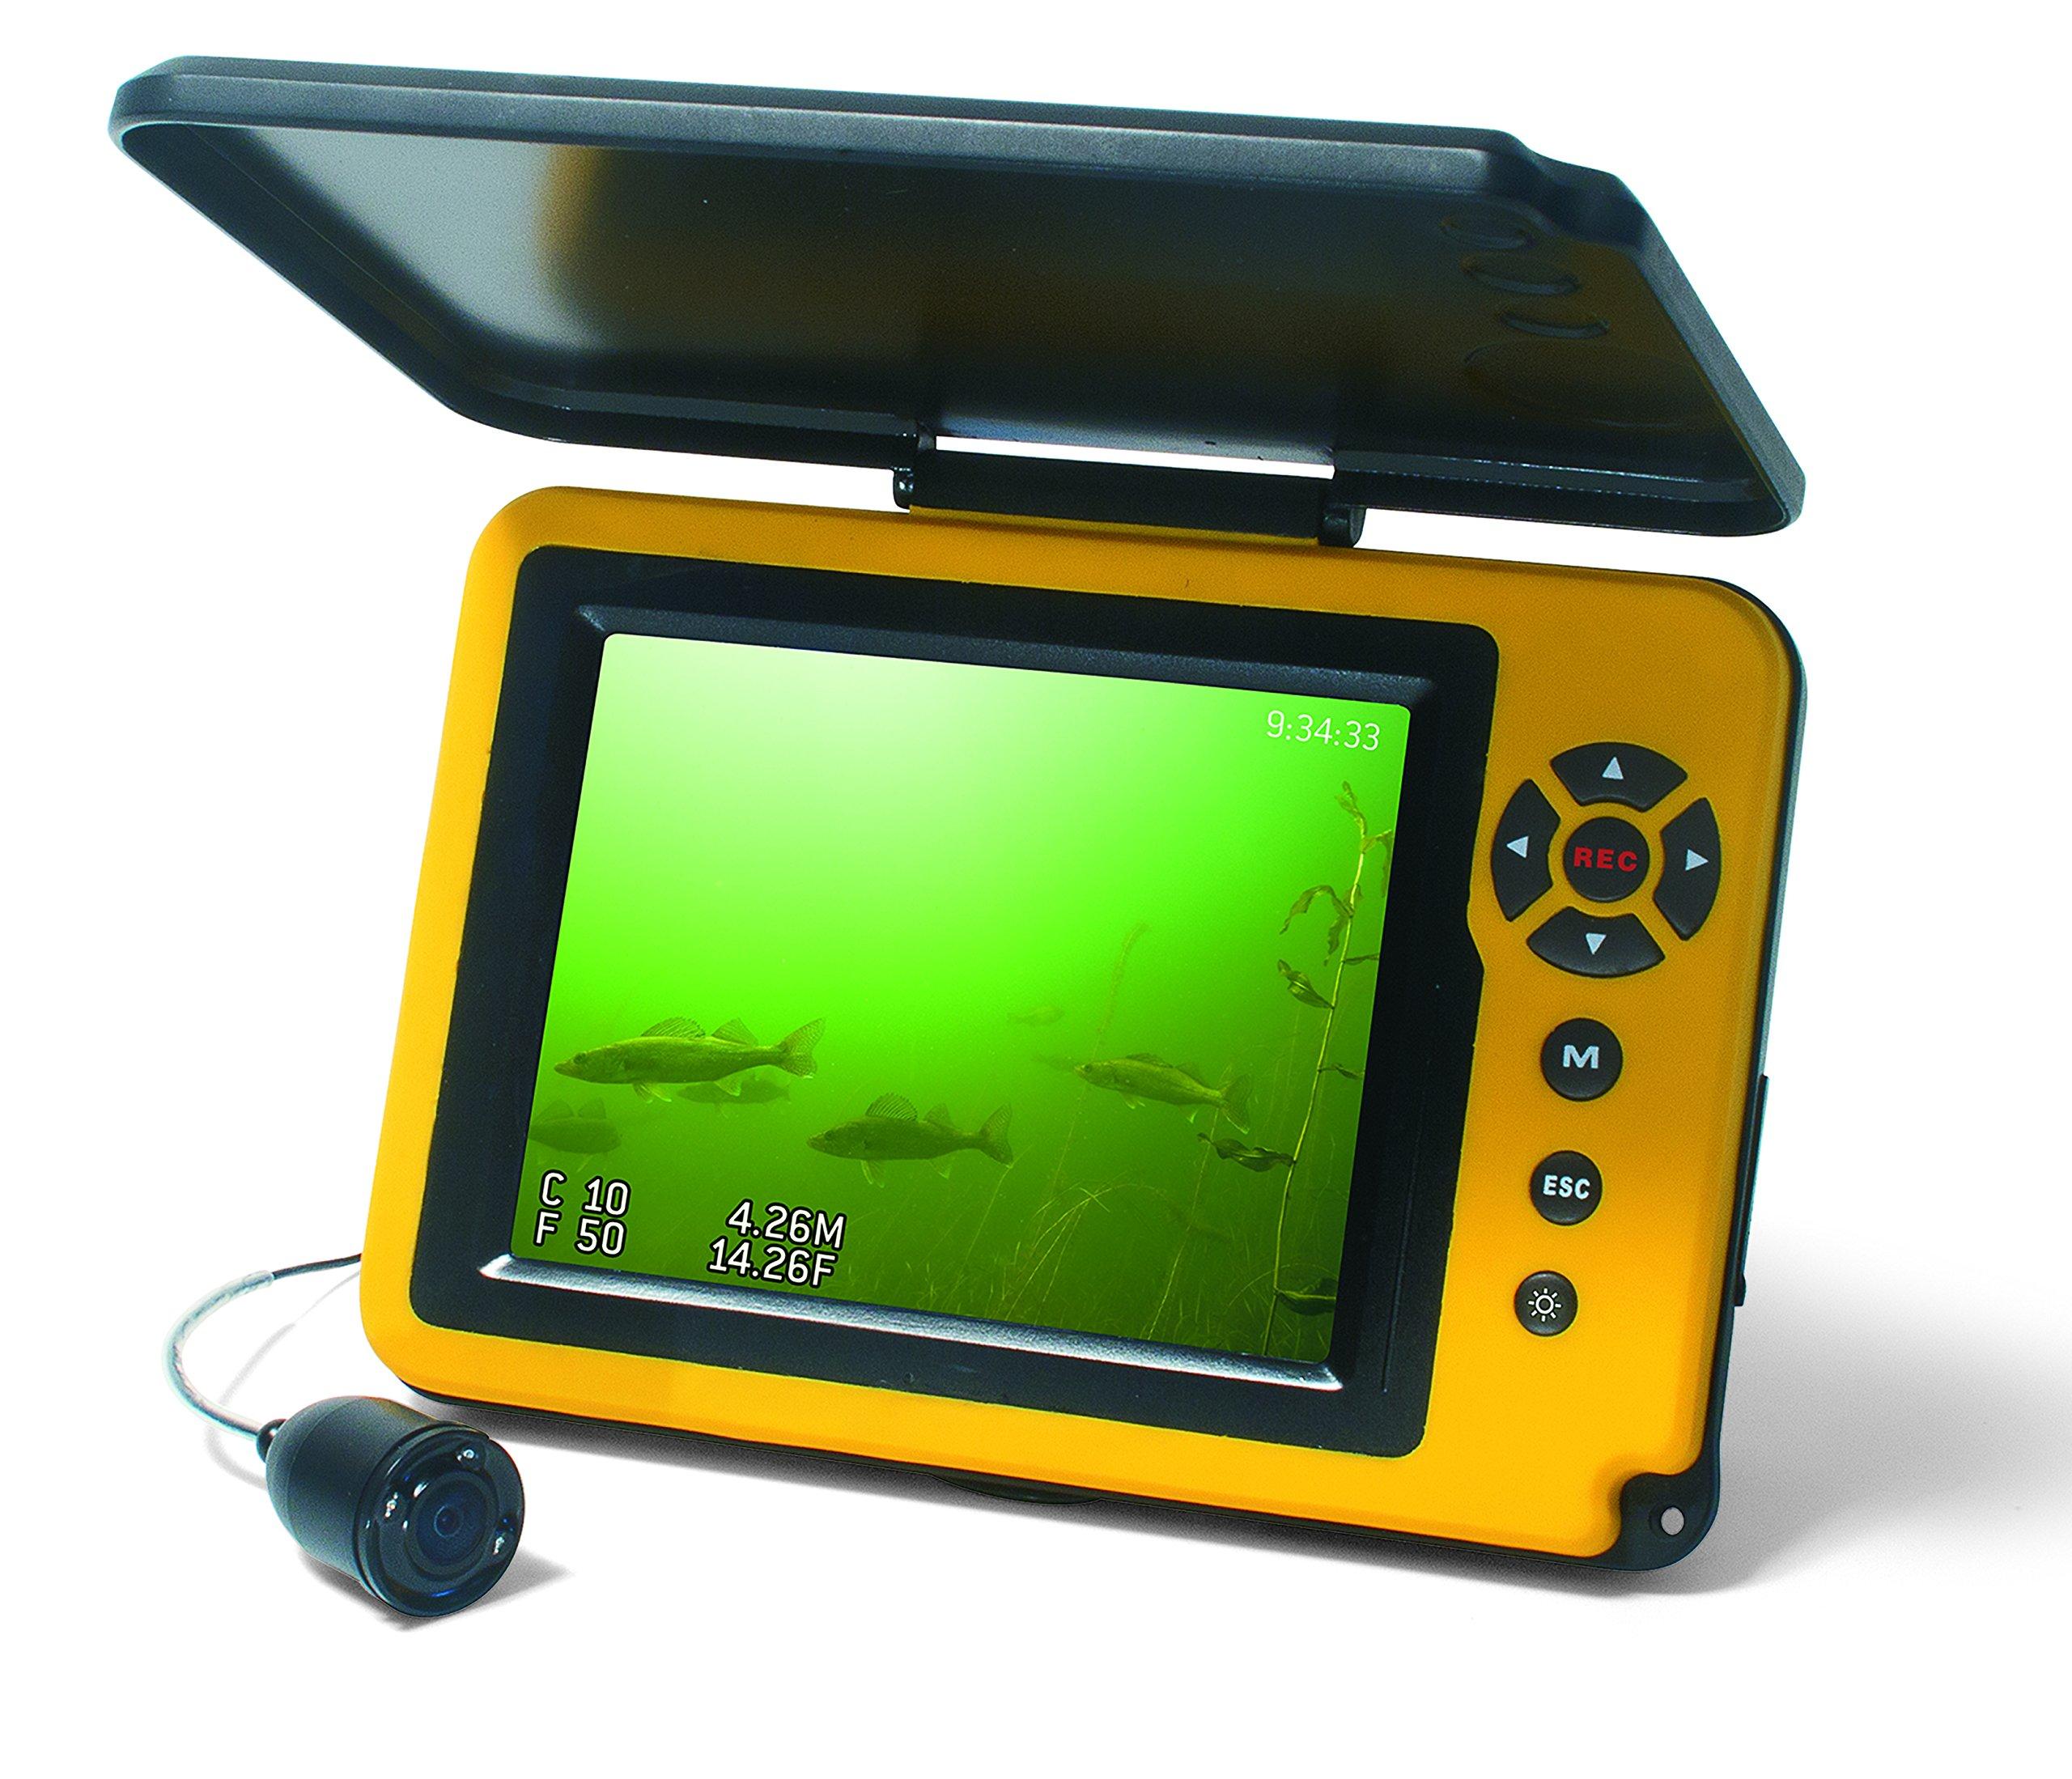 Aqua-Vu AV Micro 5 Plus DVR-DTS Depth & Temperature Underwater Camera with Revolution Cable Management Spool